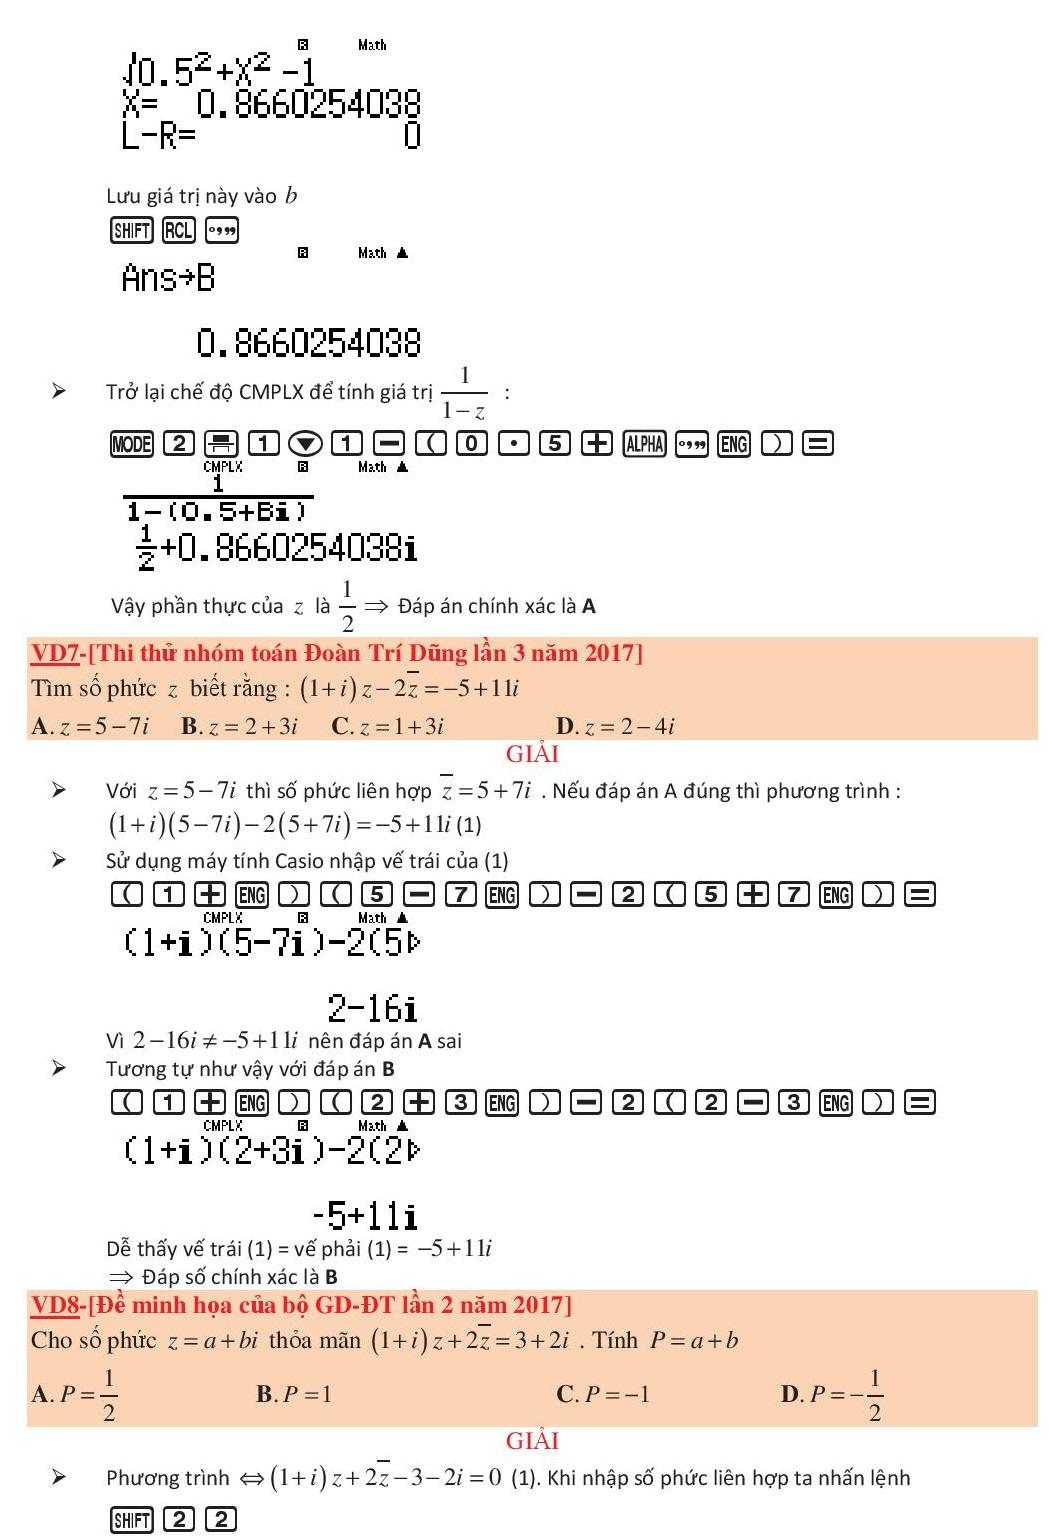 Giải bài toán Số phức cơ bản bằng máy tính cầm tay (4).jpg